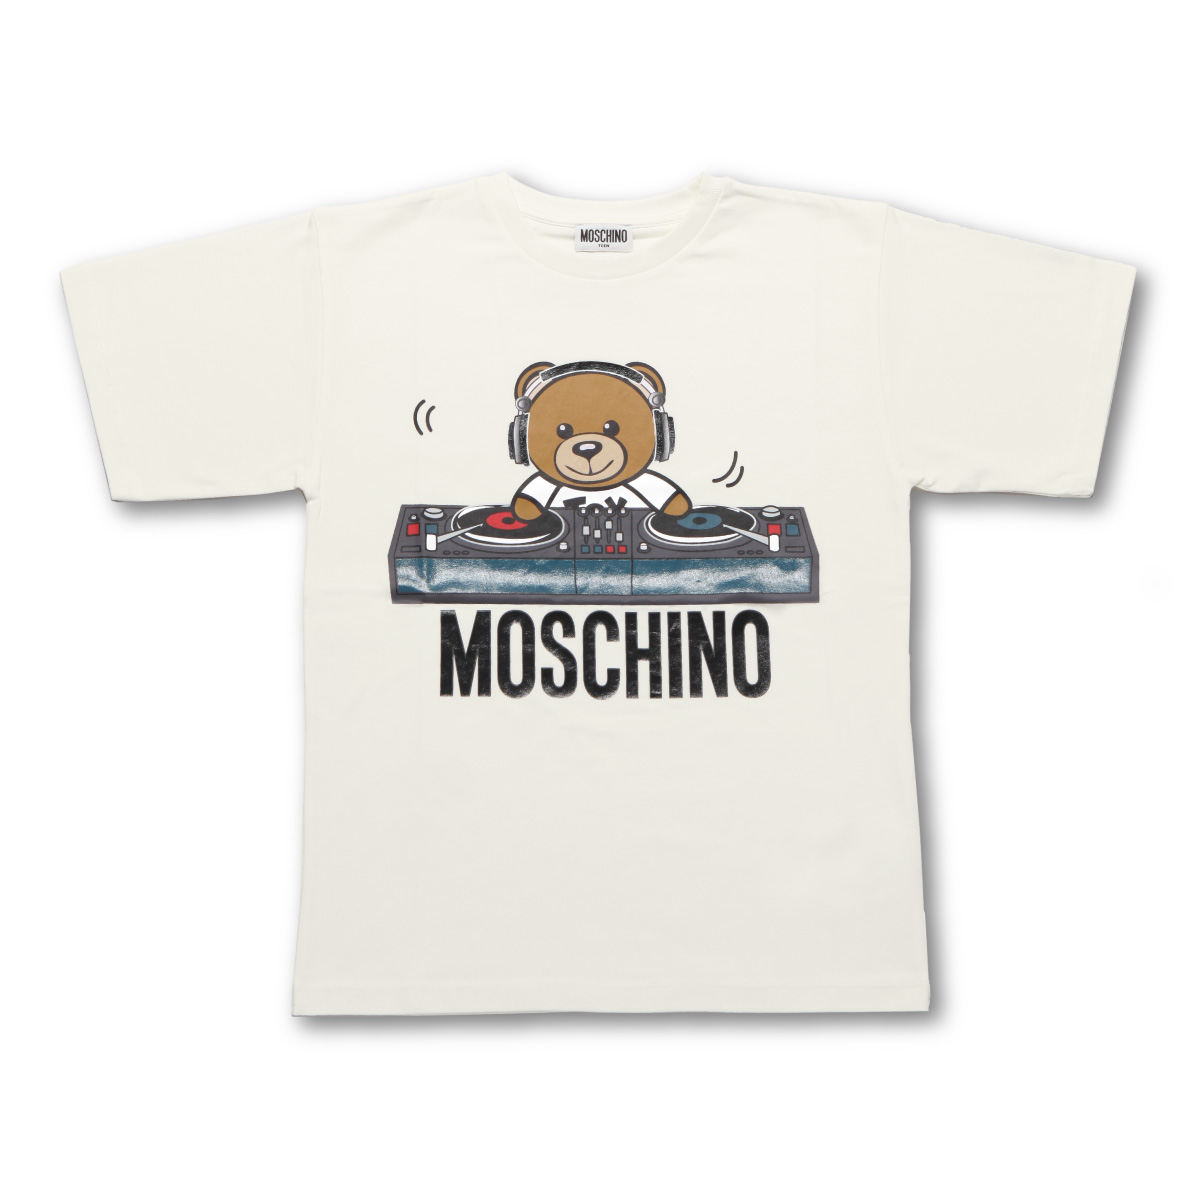 モスキーノ MOSCHINO Tシャツ キッズ ボーイズ HRM029 LBA12 10063 半袖Tシャツ WHITE ホワイト 6A-8A